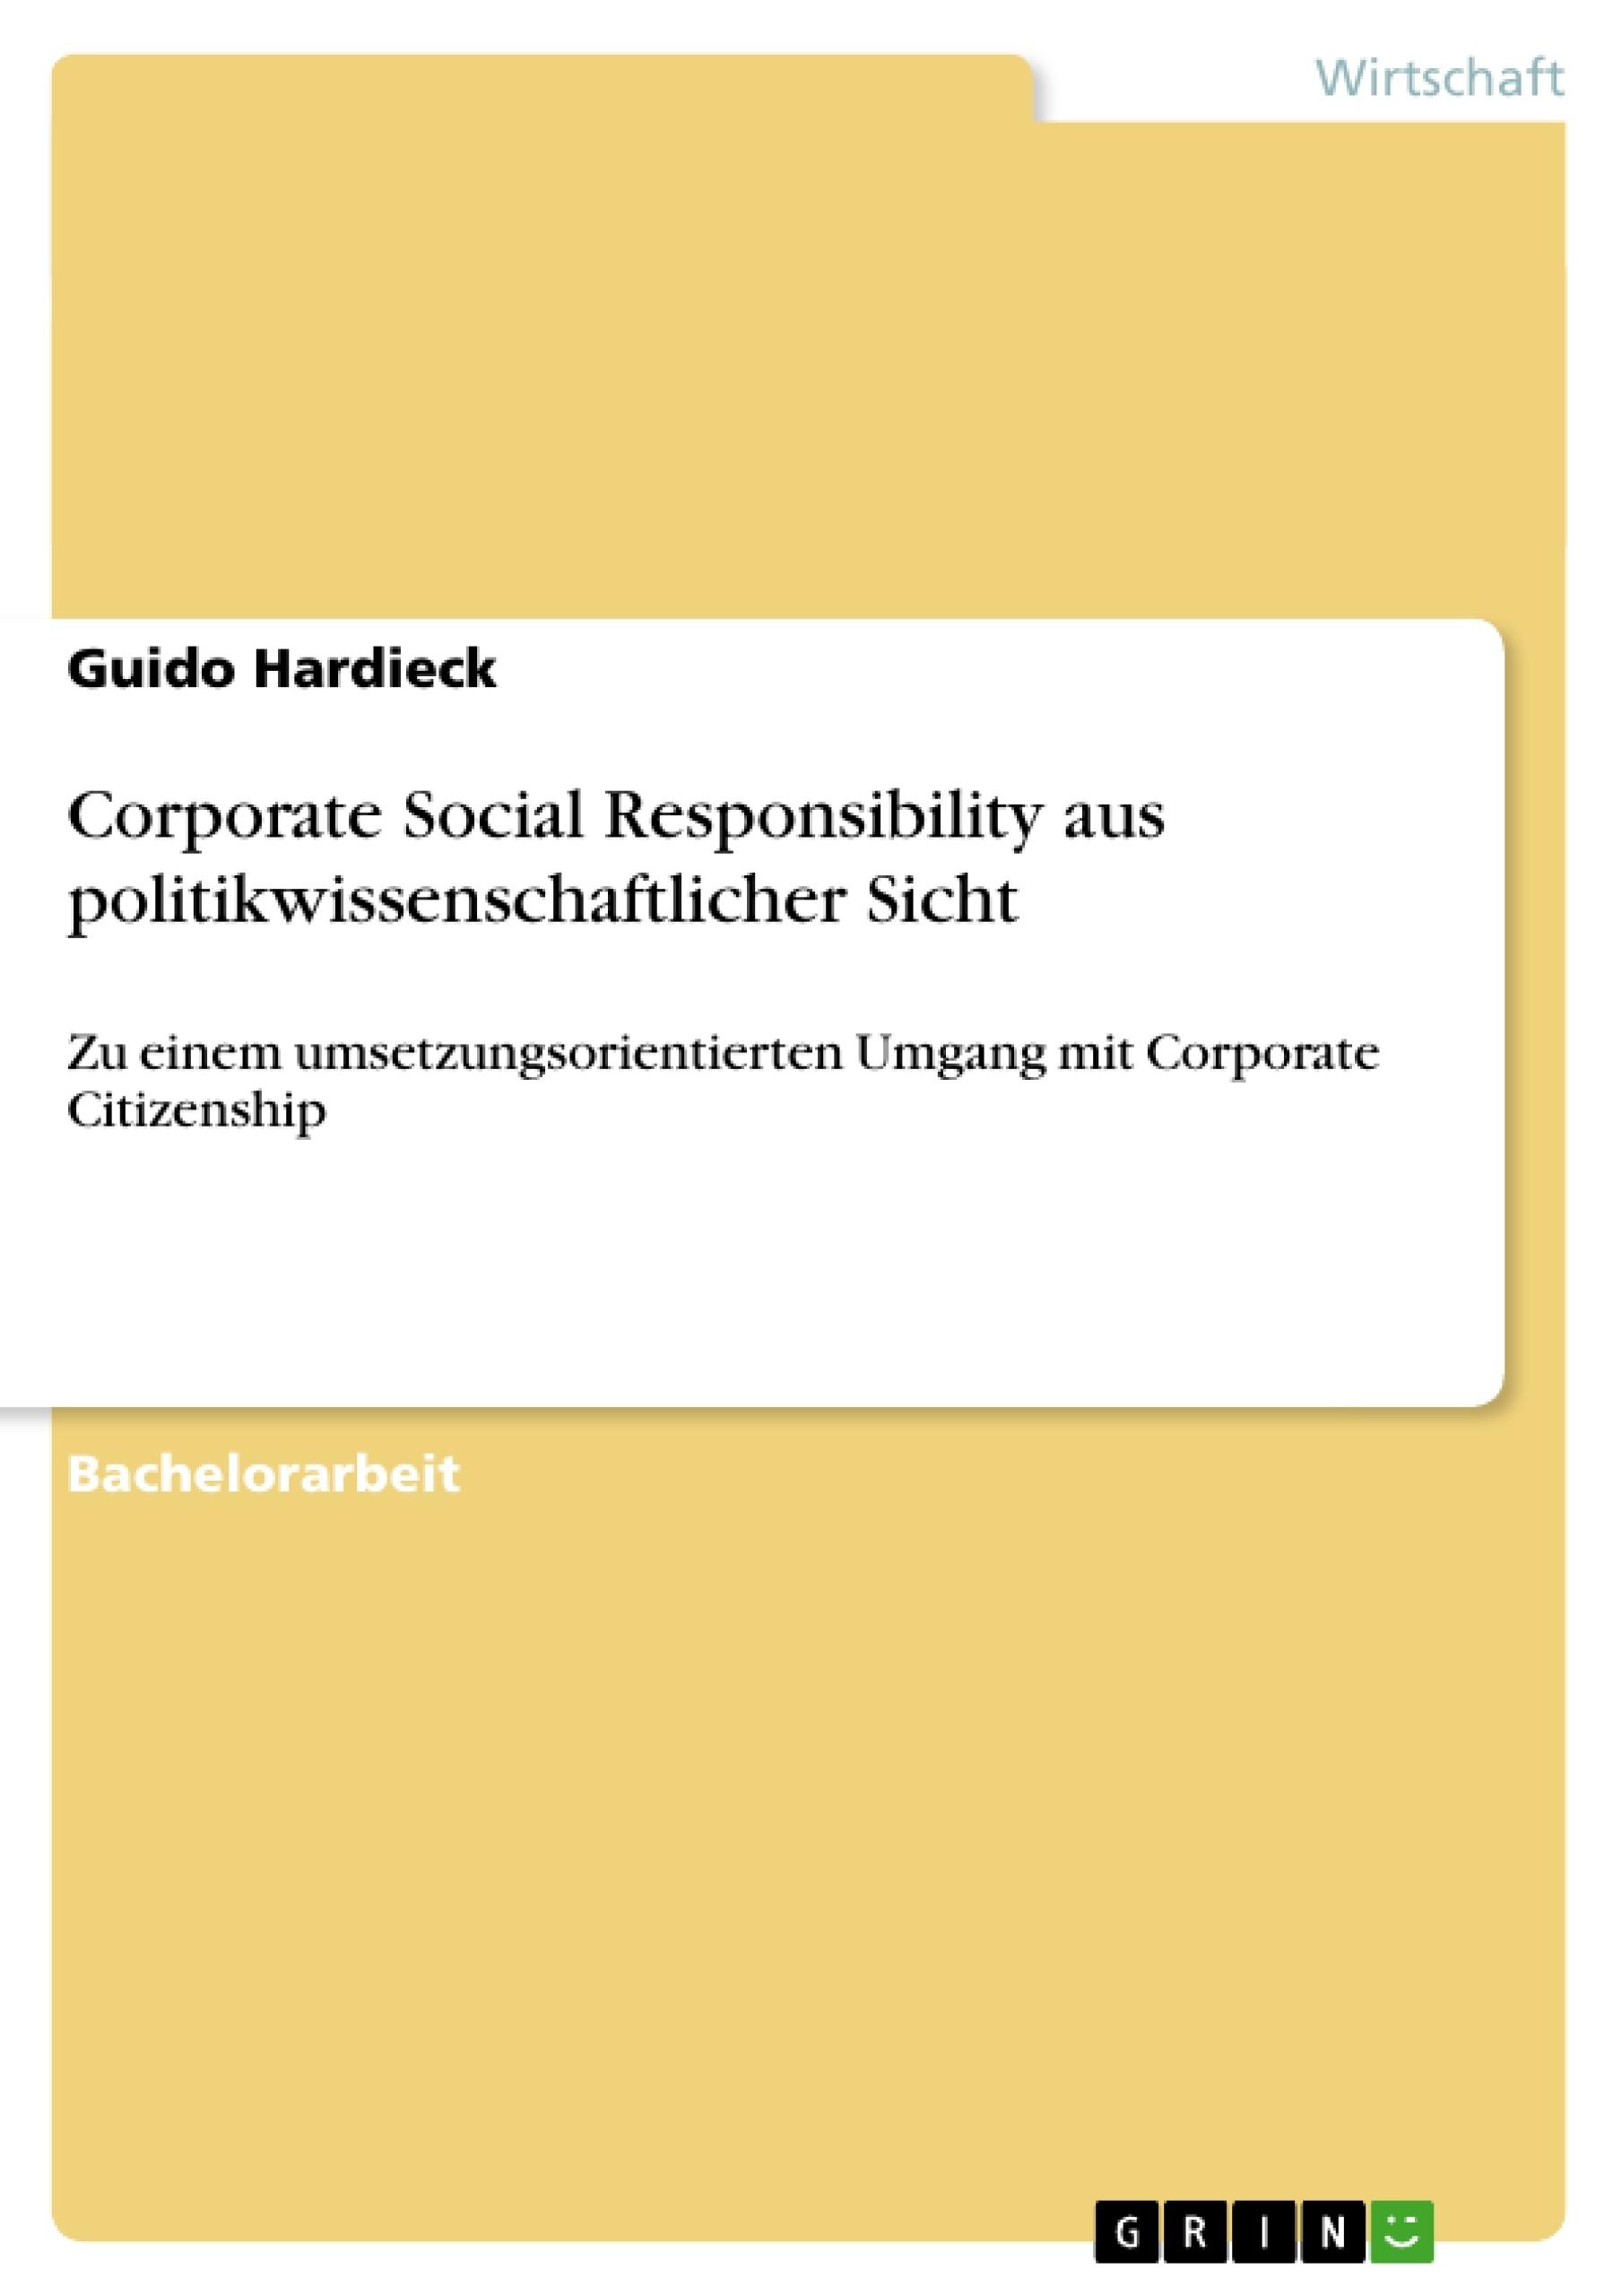 Titel: Corporate Social Responsibility aus politikwissenschaftlicher Sicht